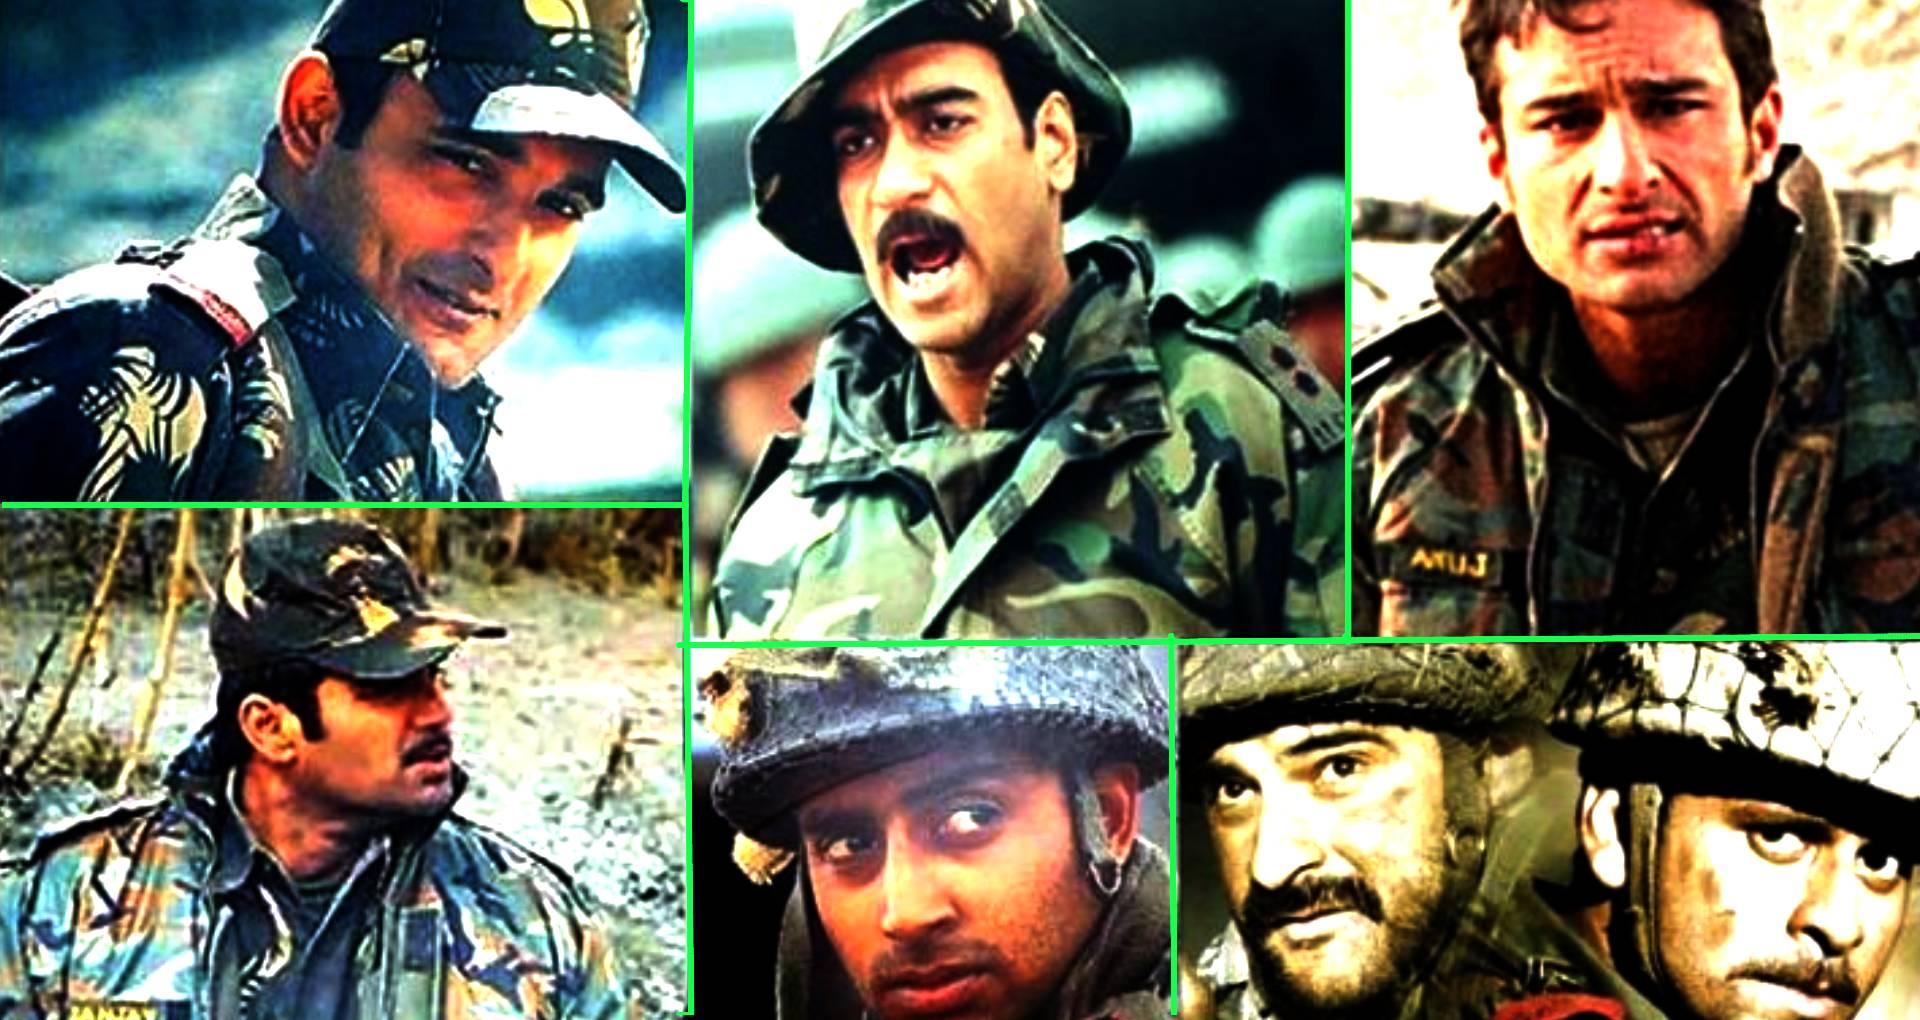 Kargil Vijay Diwas 2019: भारत-पाक वॉर पर बनी ये 5 दमदार बॉलीवुड फिल्में, देखकर चढ़ जाएगा देशभक्ति का खुमार